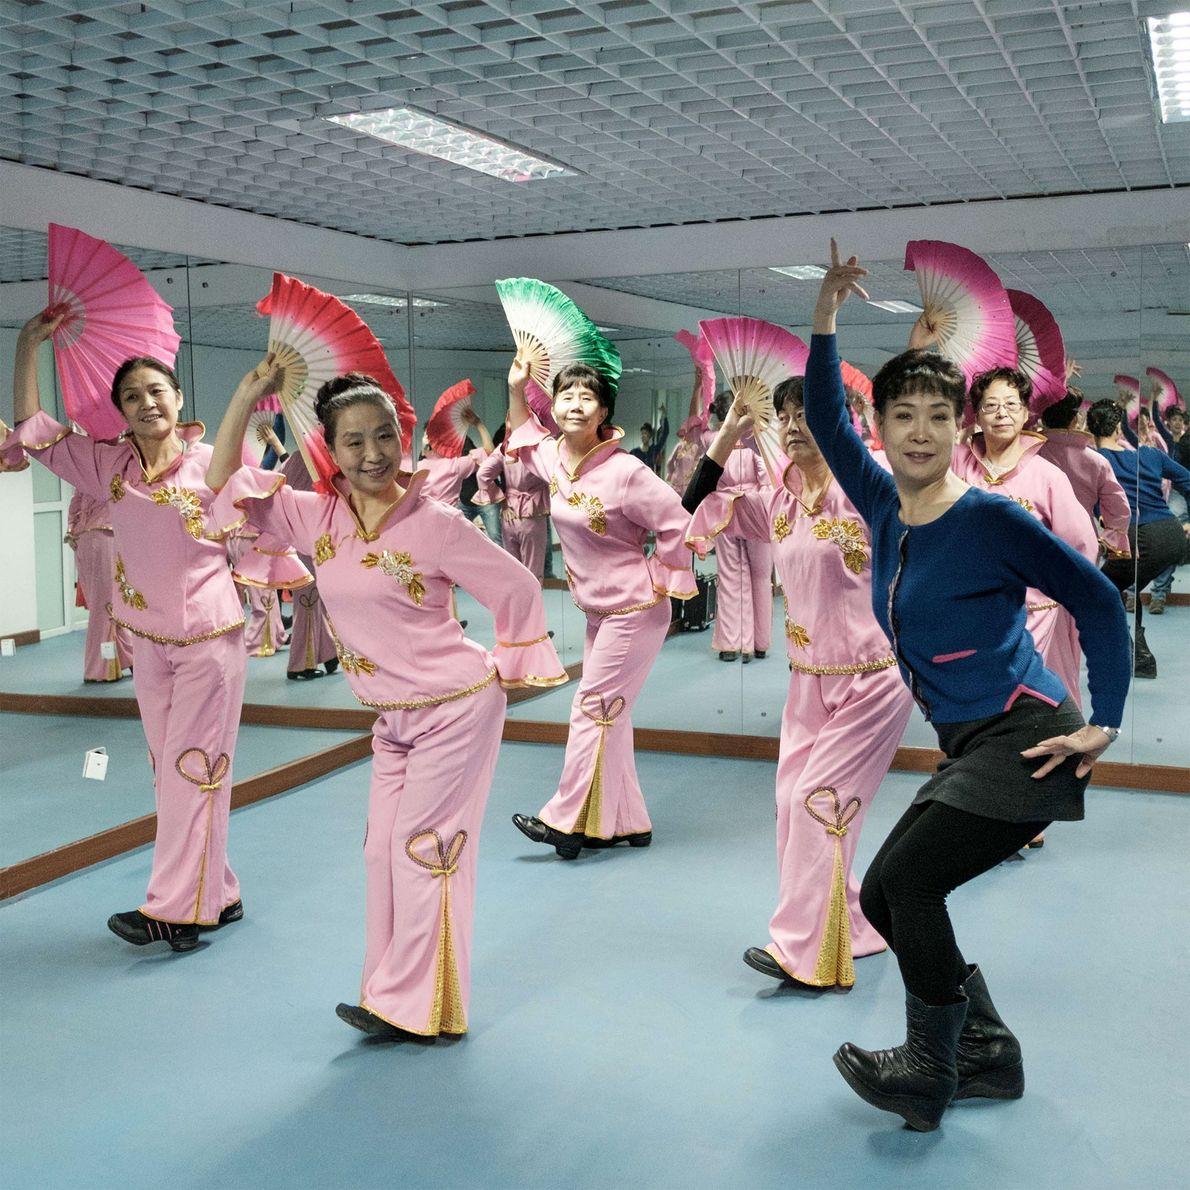 Mulheres participam de uma aula de dança folclórica chinesa em um abrigo atômico no Sindicato Cultural ...